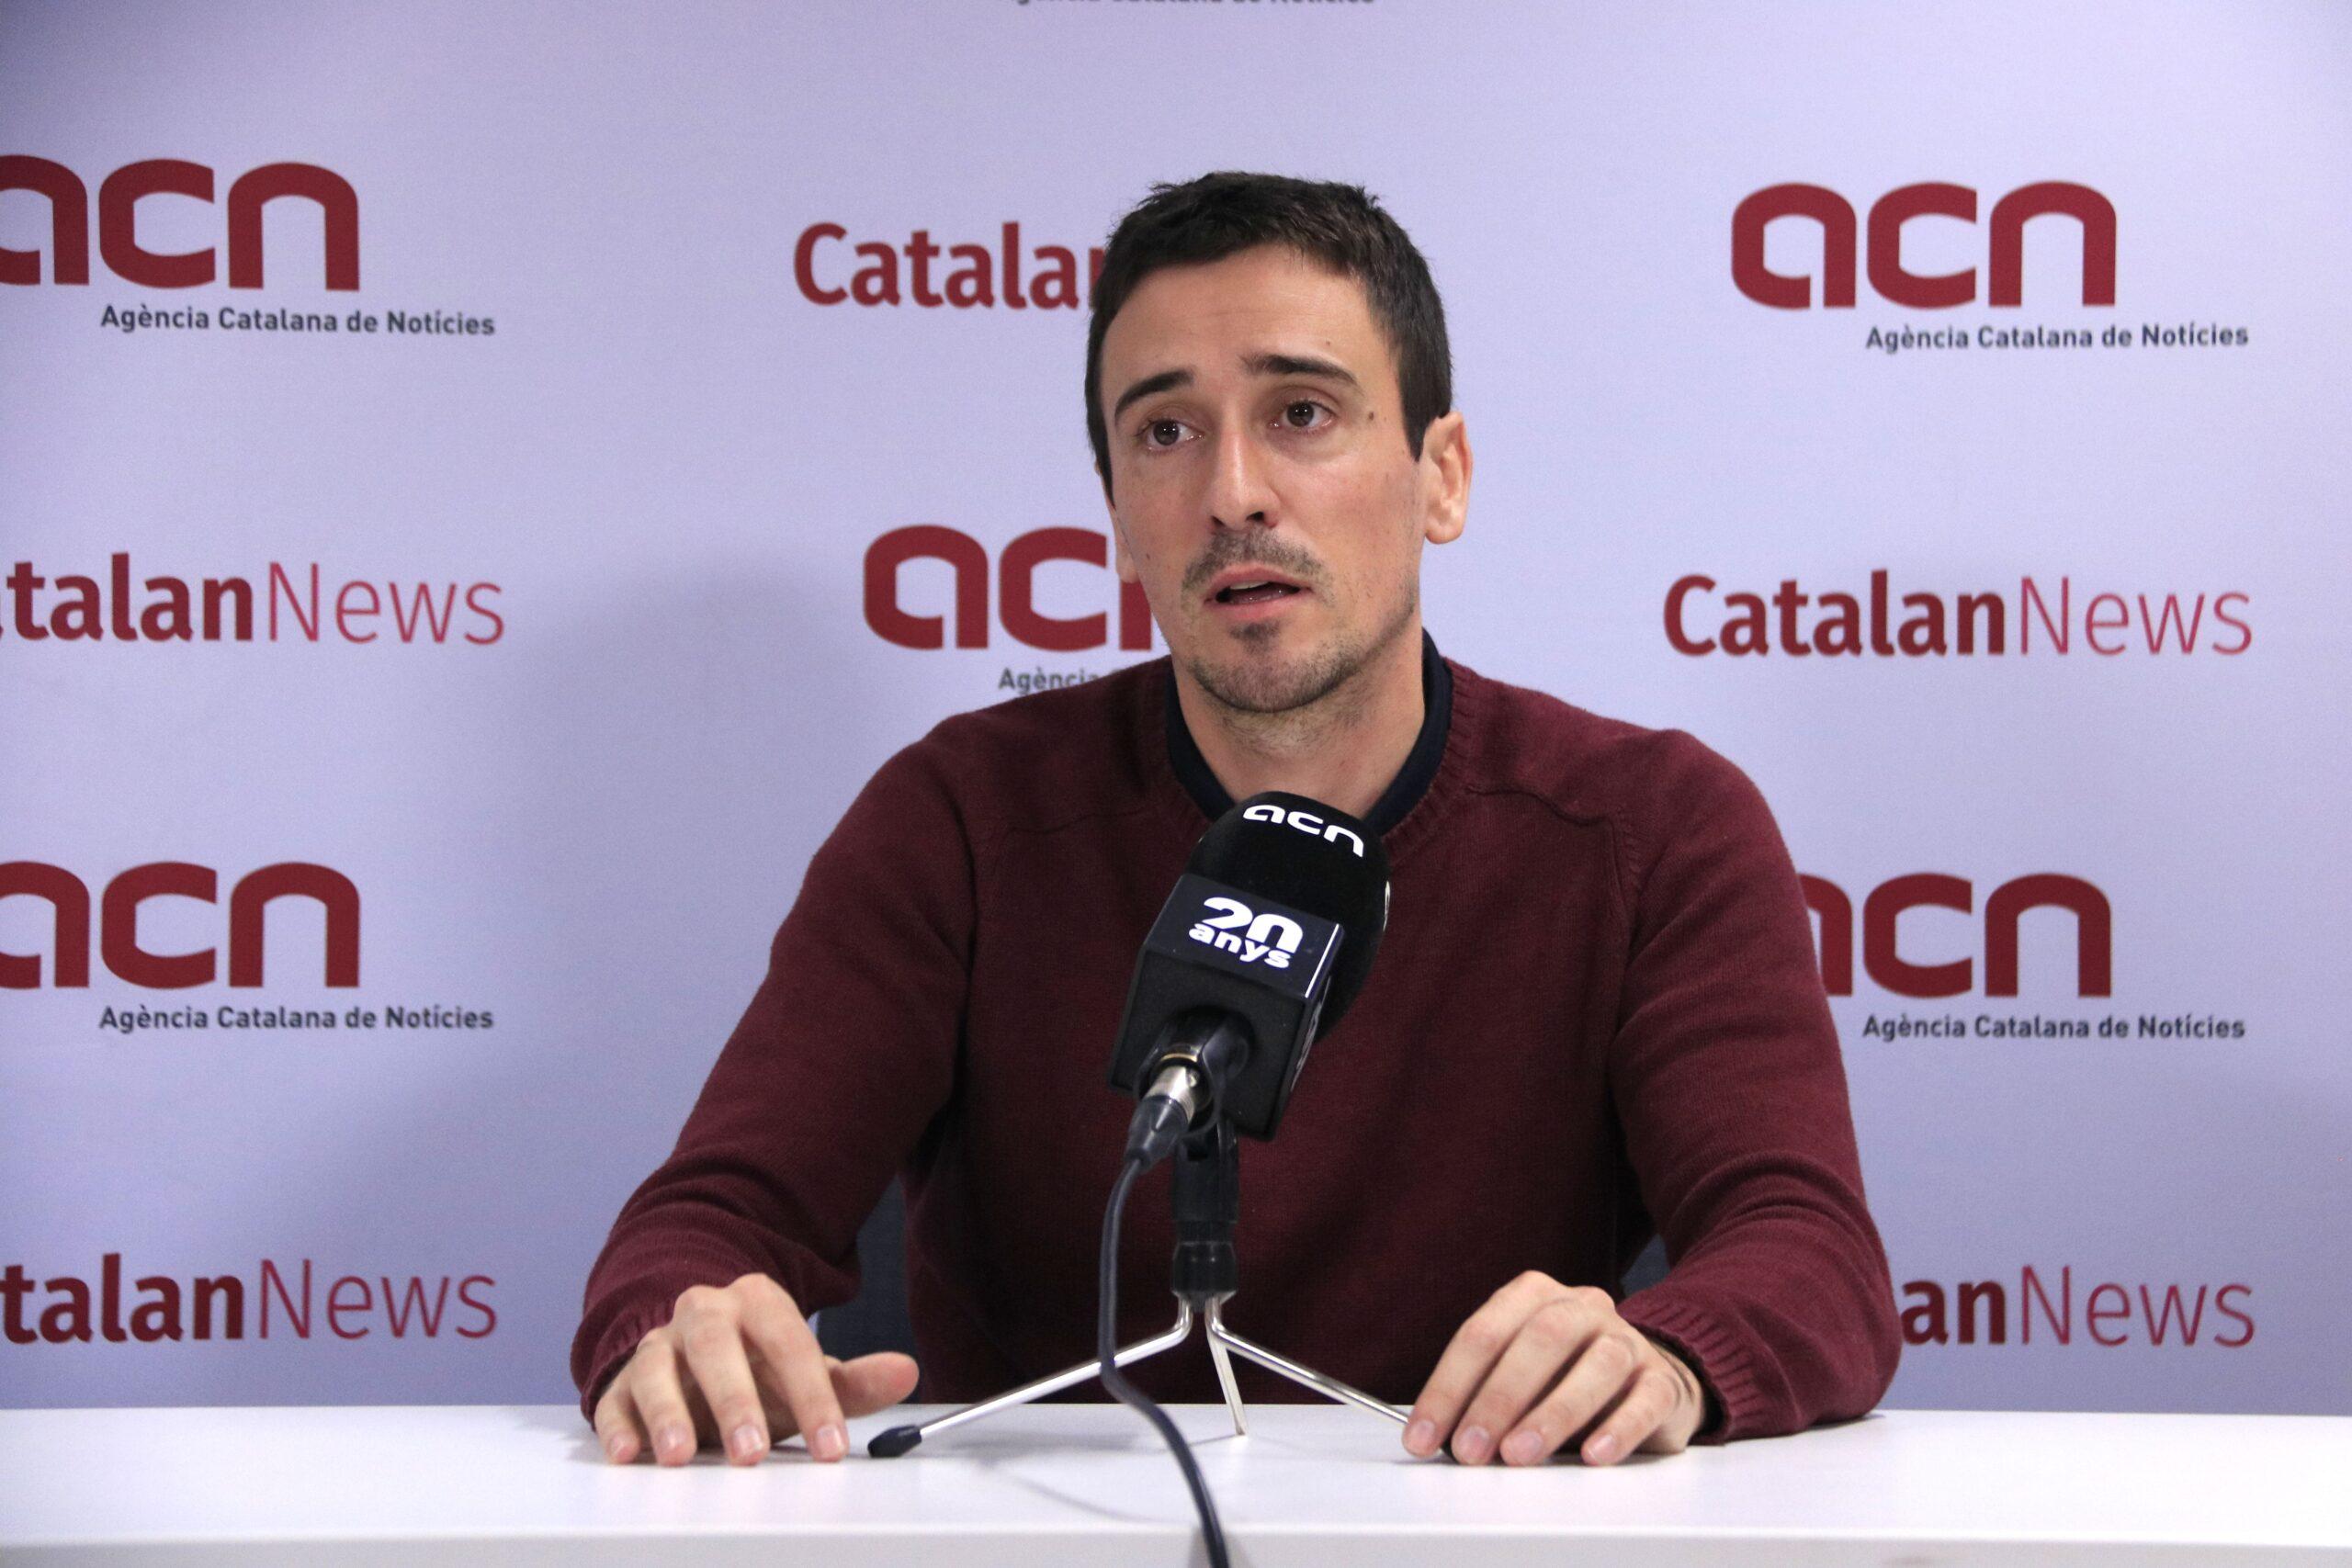 El cap de llista de Més País a Barcelona, JuJuan Antonio Geraldes, coordinador general de Més País Catalunya (ACN)an Antonio Geraldes